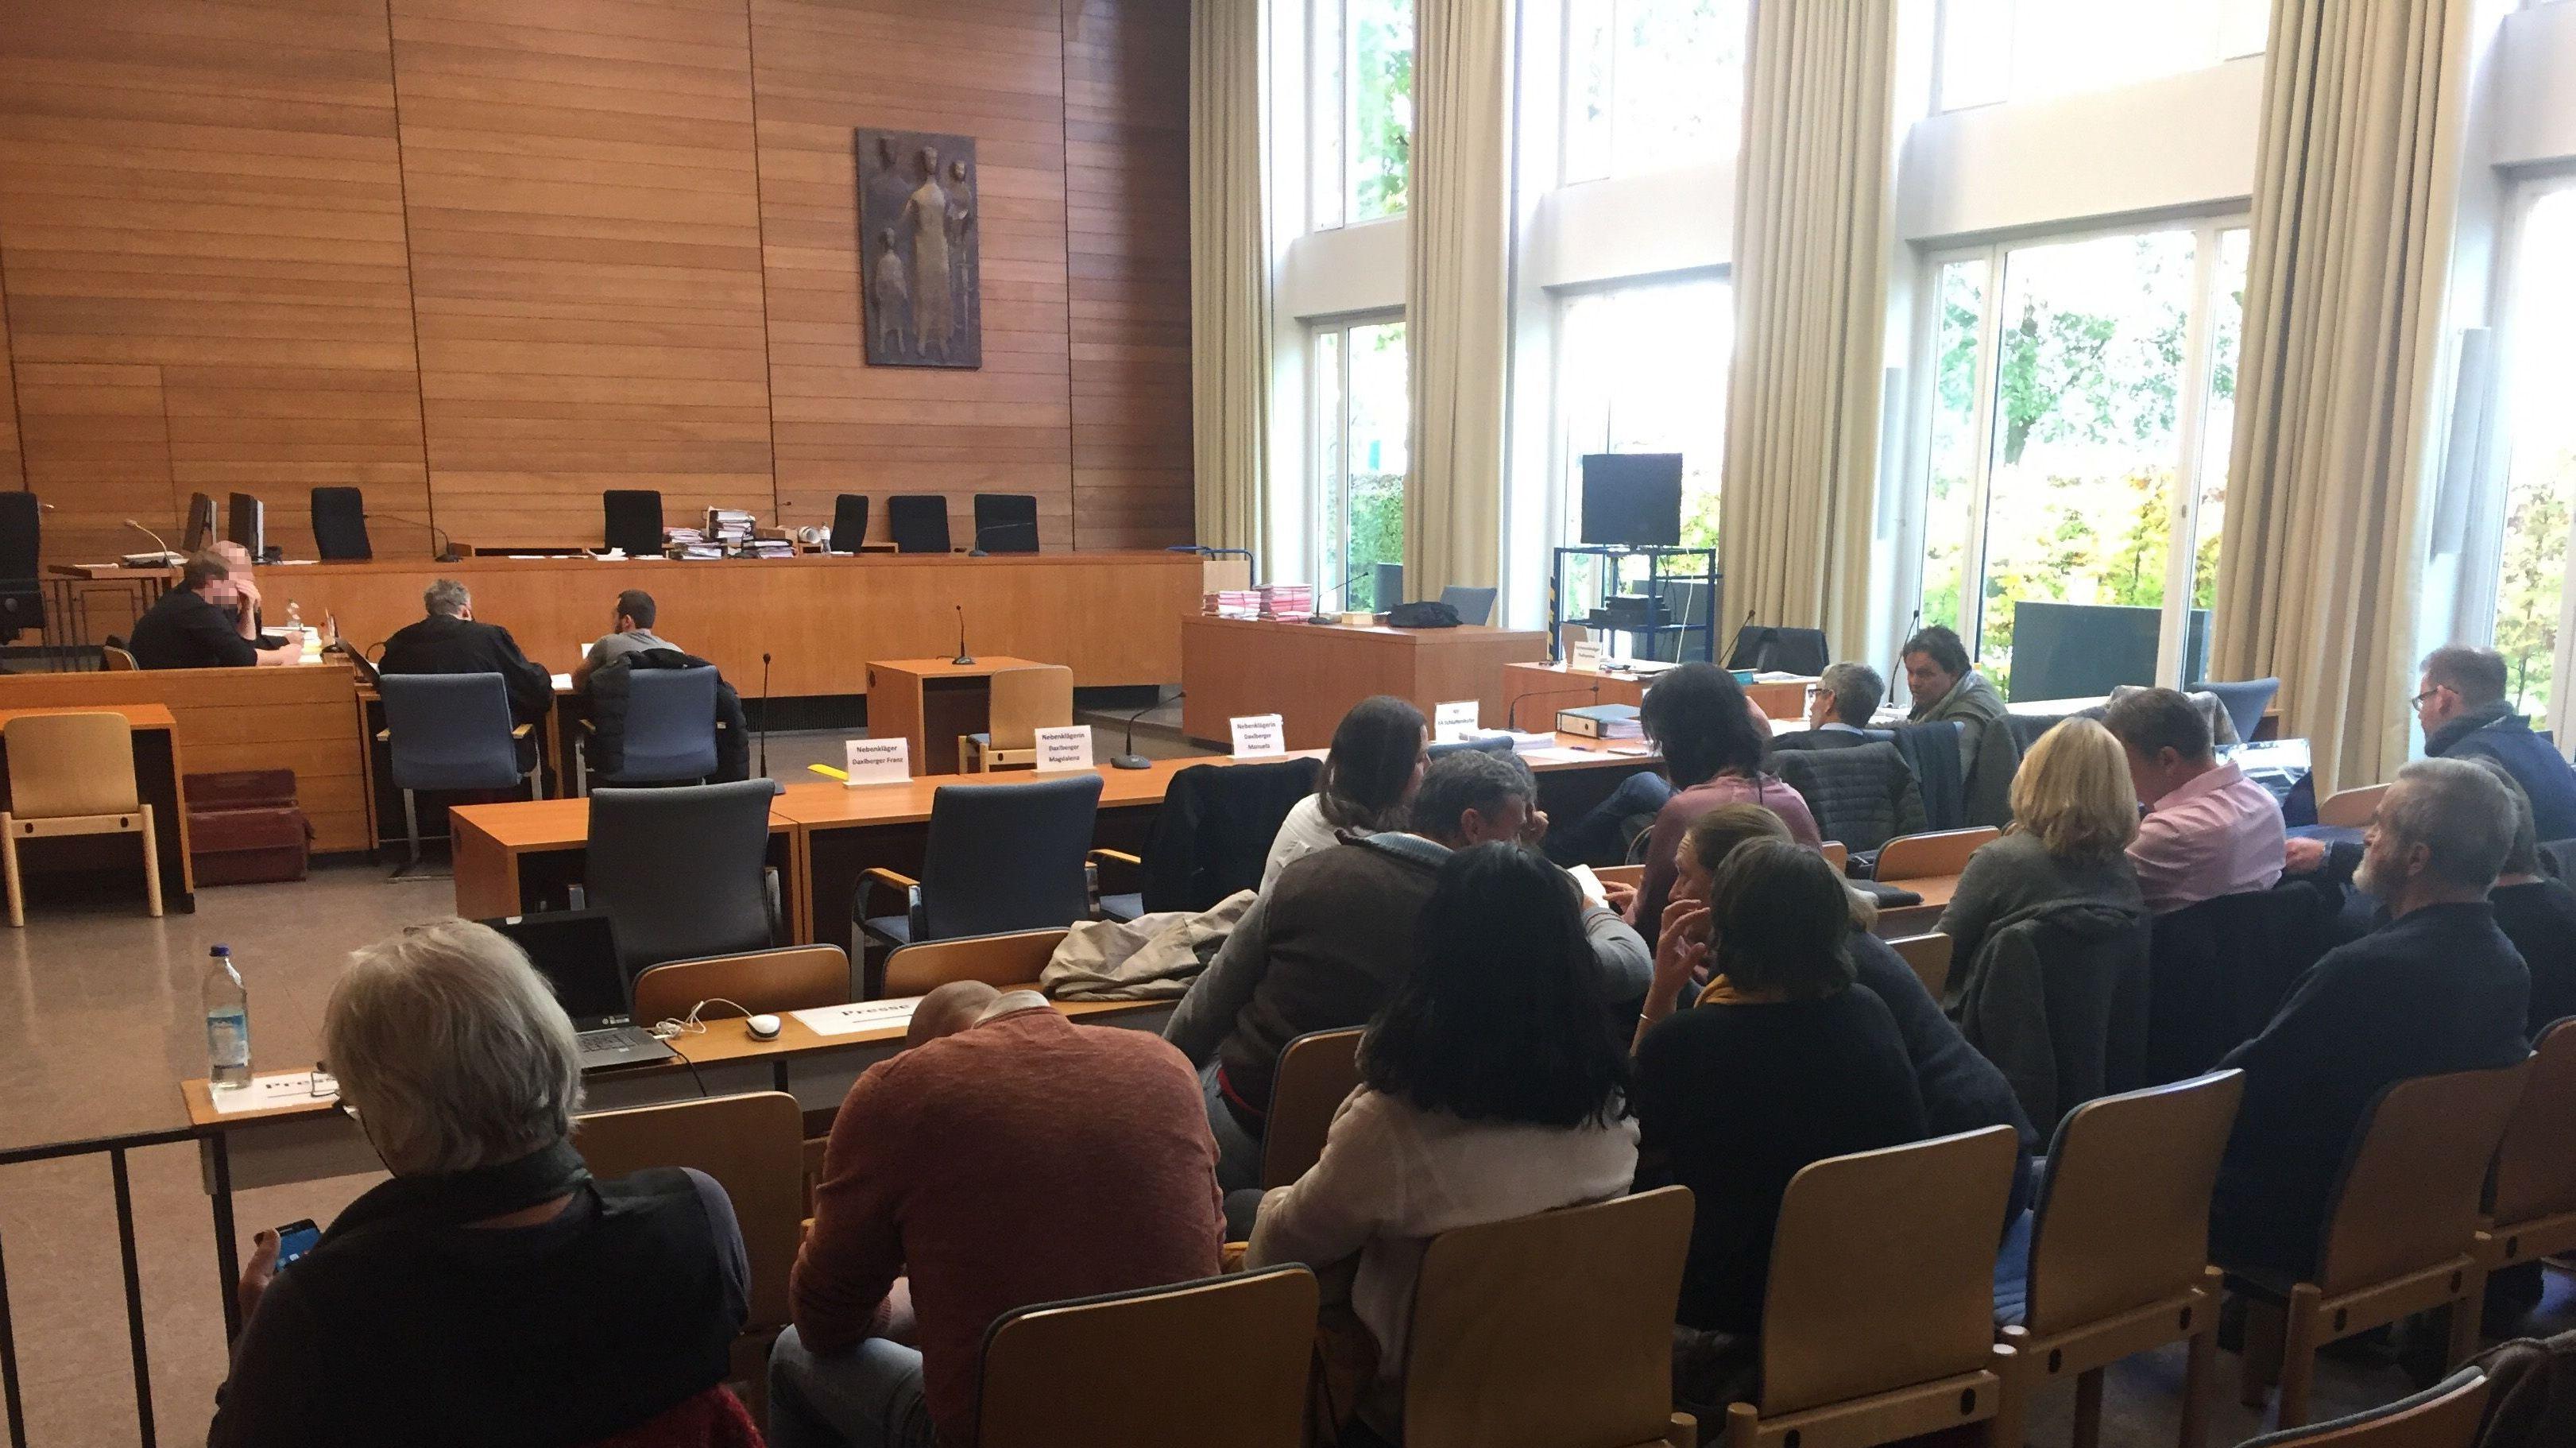 Blick in den Traunsteiner Landgerichtssaal während einer Sitzungspause im Samerbergprozess